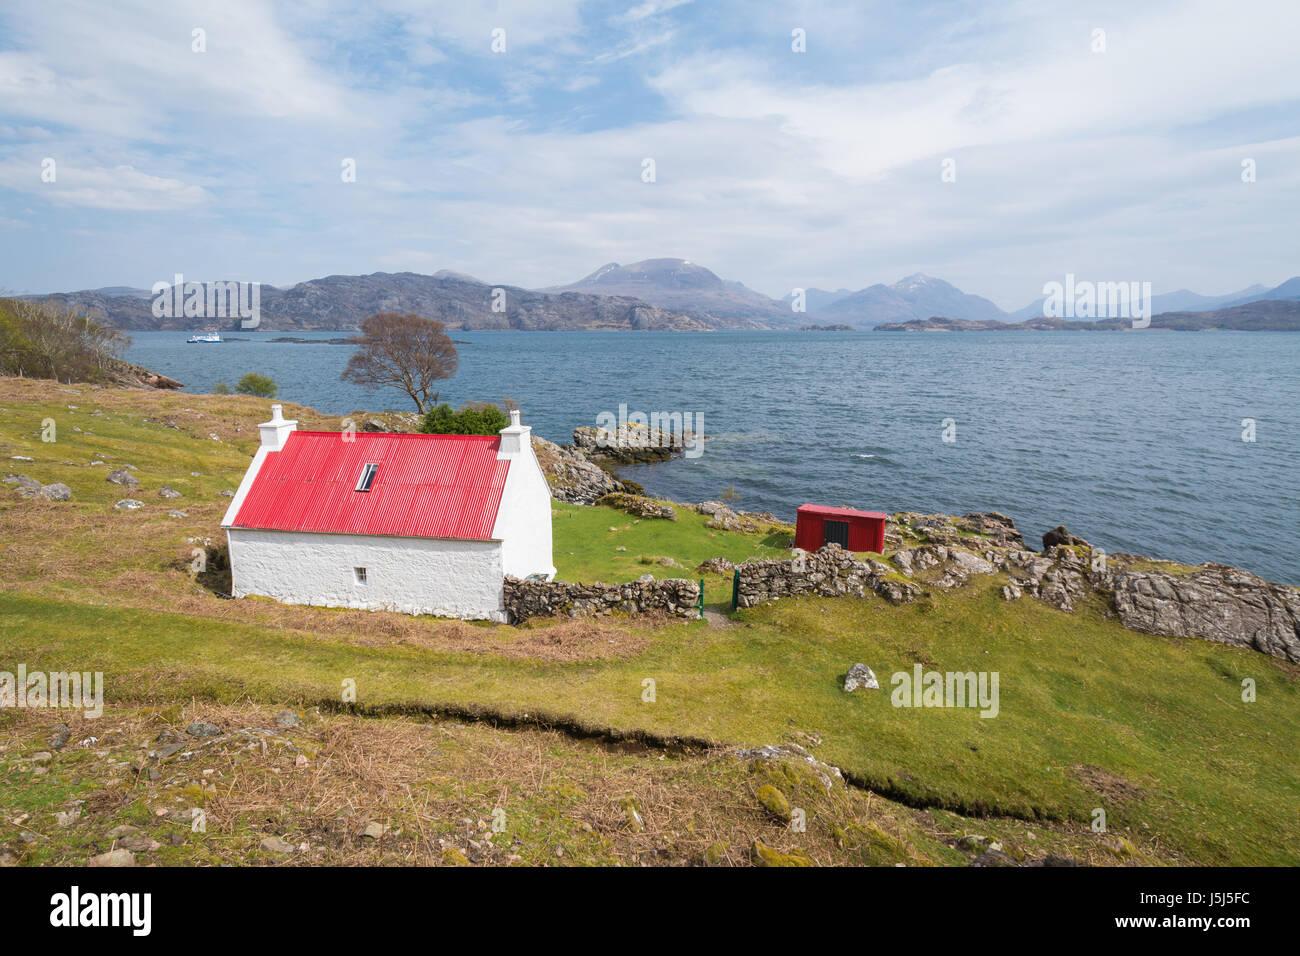 Casa Blanca de techo rojo en la costa norte 500 route - Loch Shieldaig, cerca Ardheslaig, Torrison, Highland, Escocia Imagen De Stock